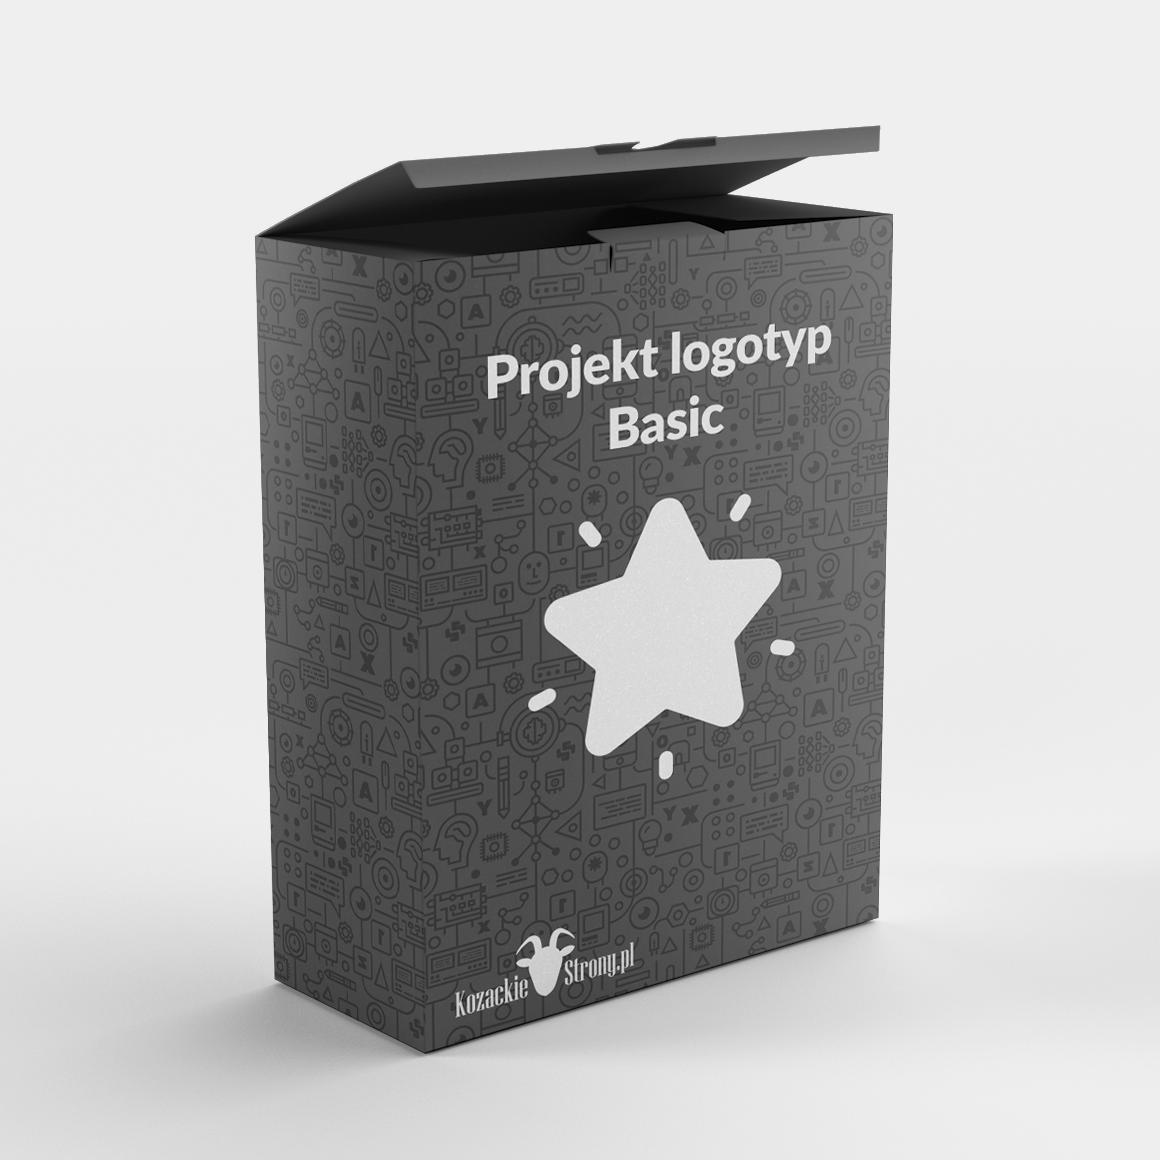 Projekt logotypu Basic KozackieStrony.pl